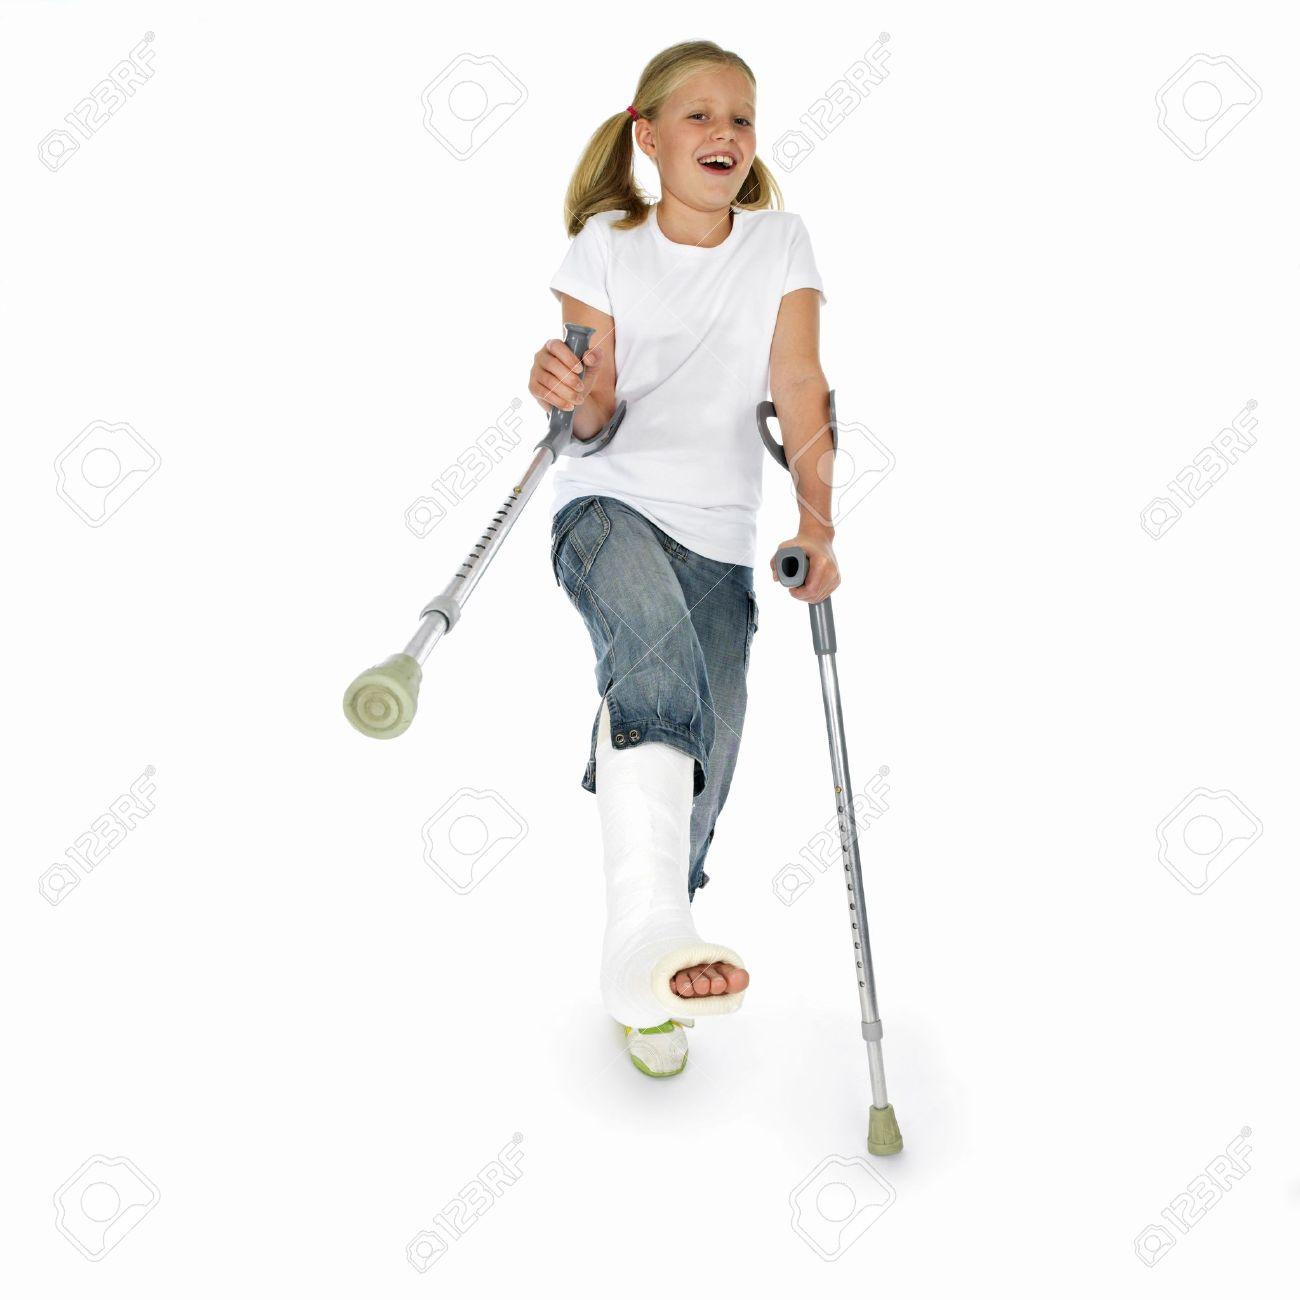 girl with a broken leg Stock Photo - 667572